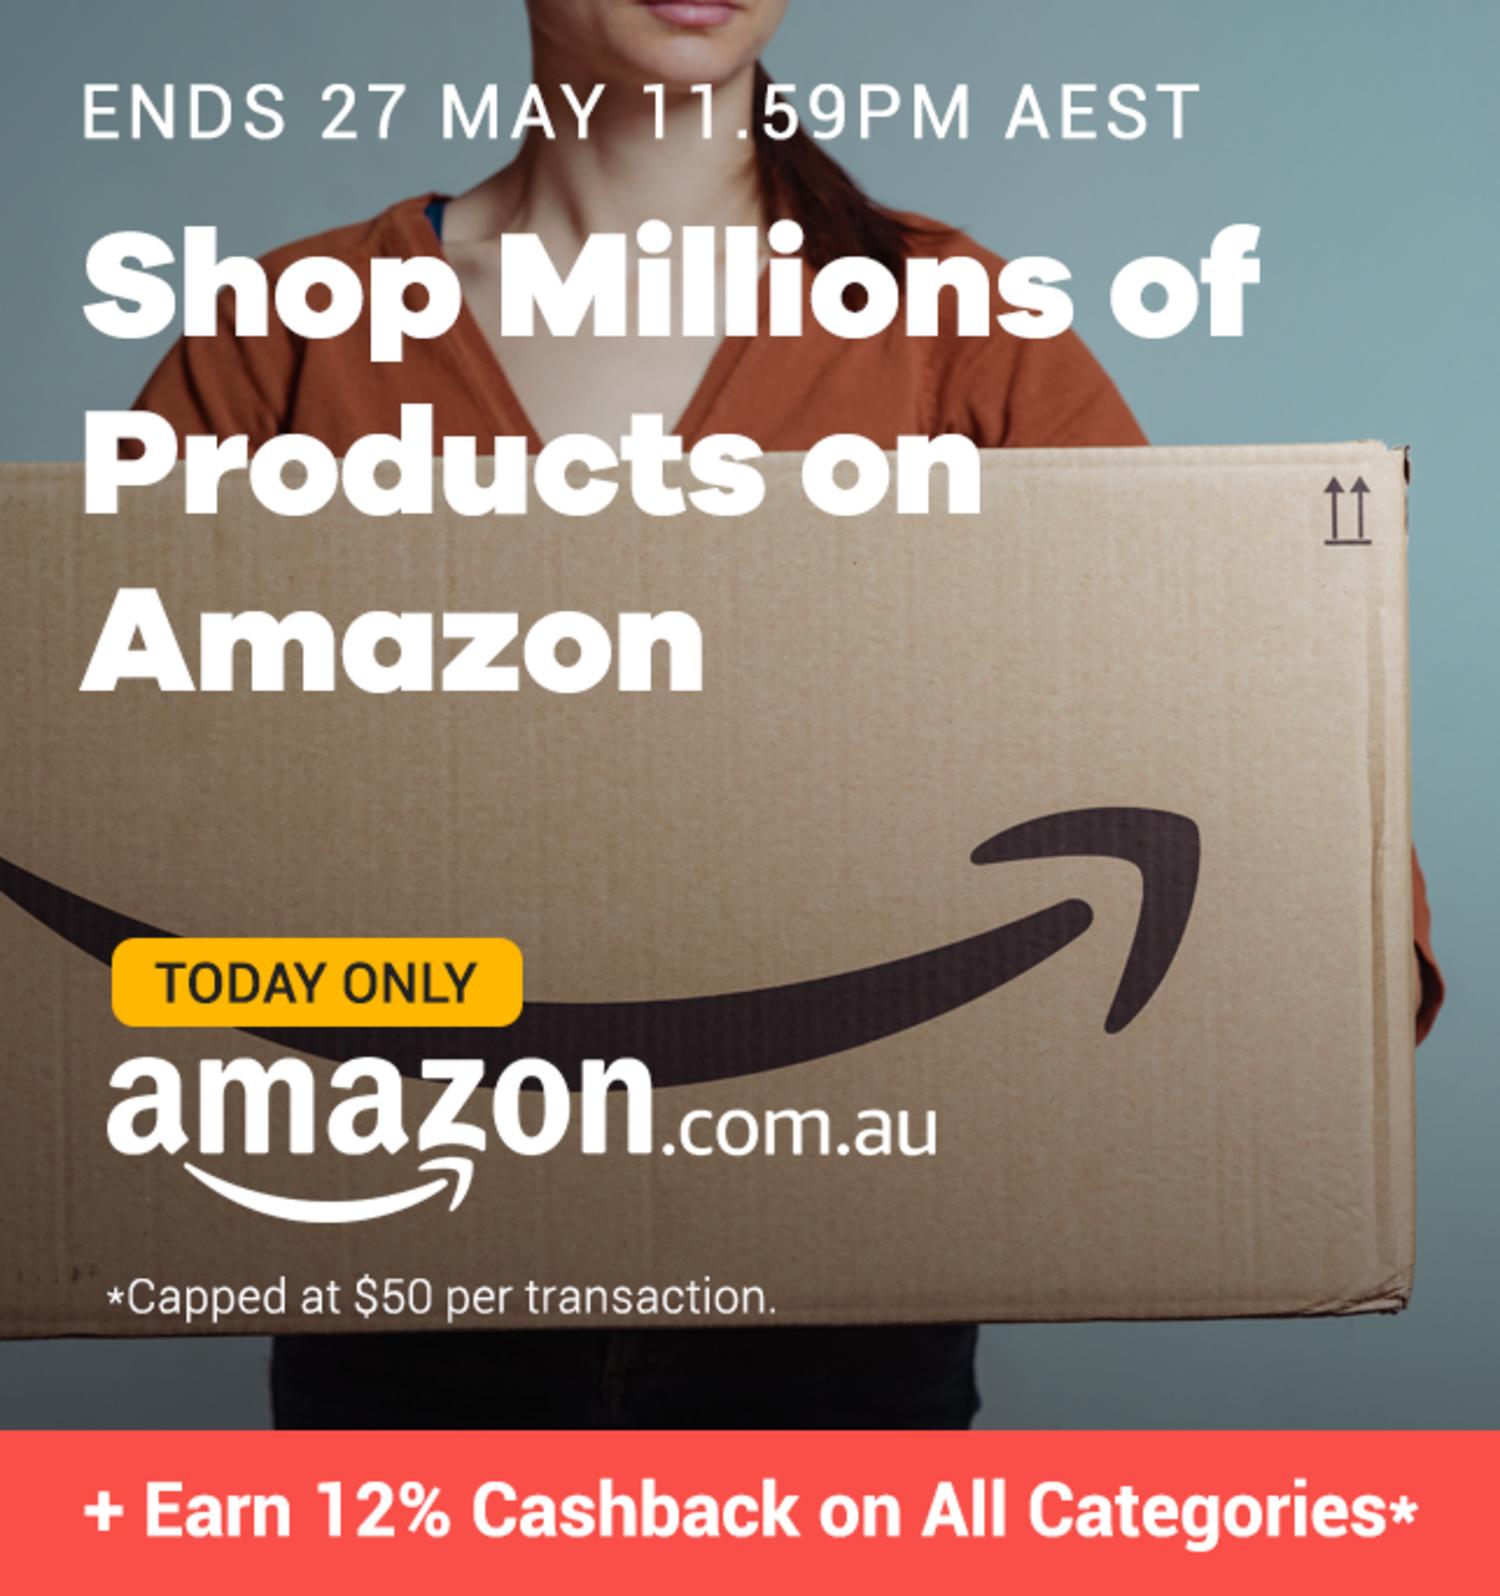 Amazon - 12% Upsized Cashback